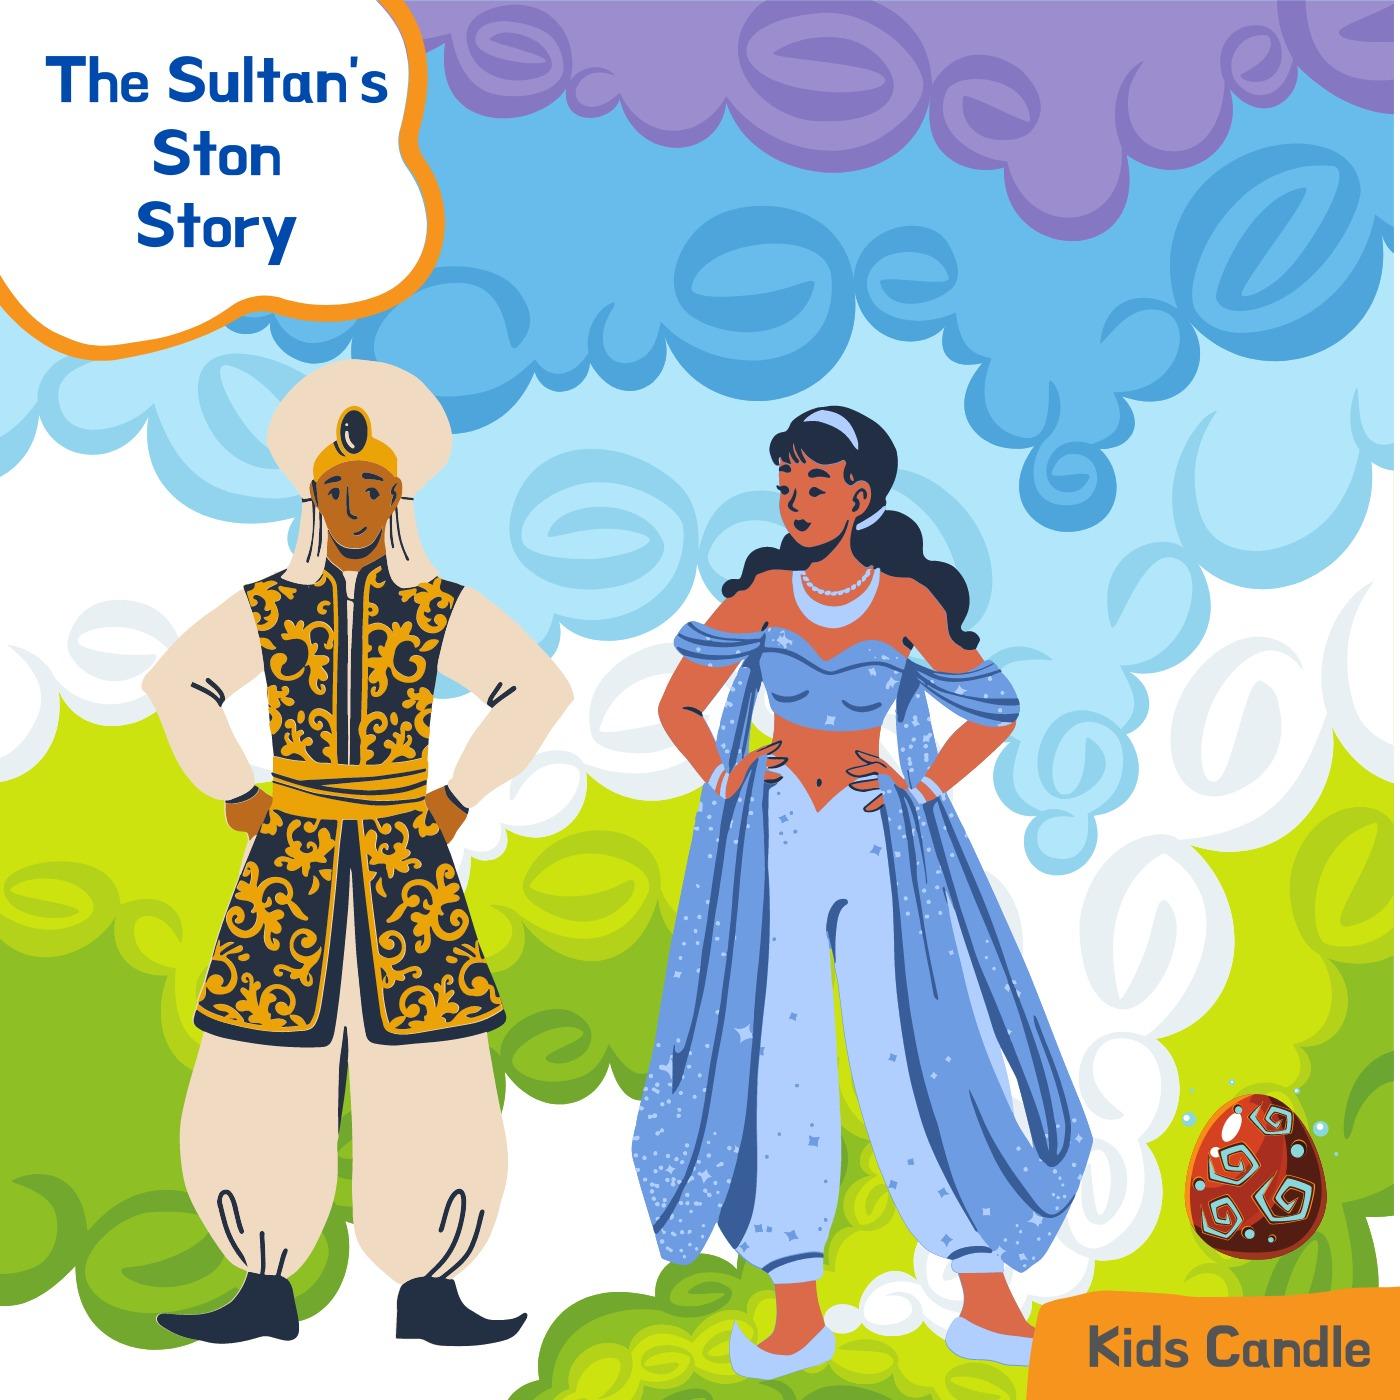 Aladdin: The Search for the Sultan's Stone